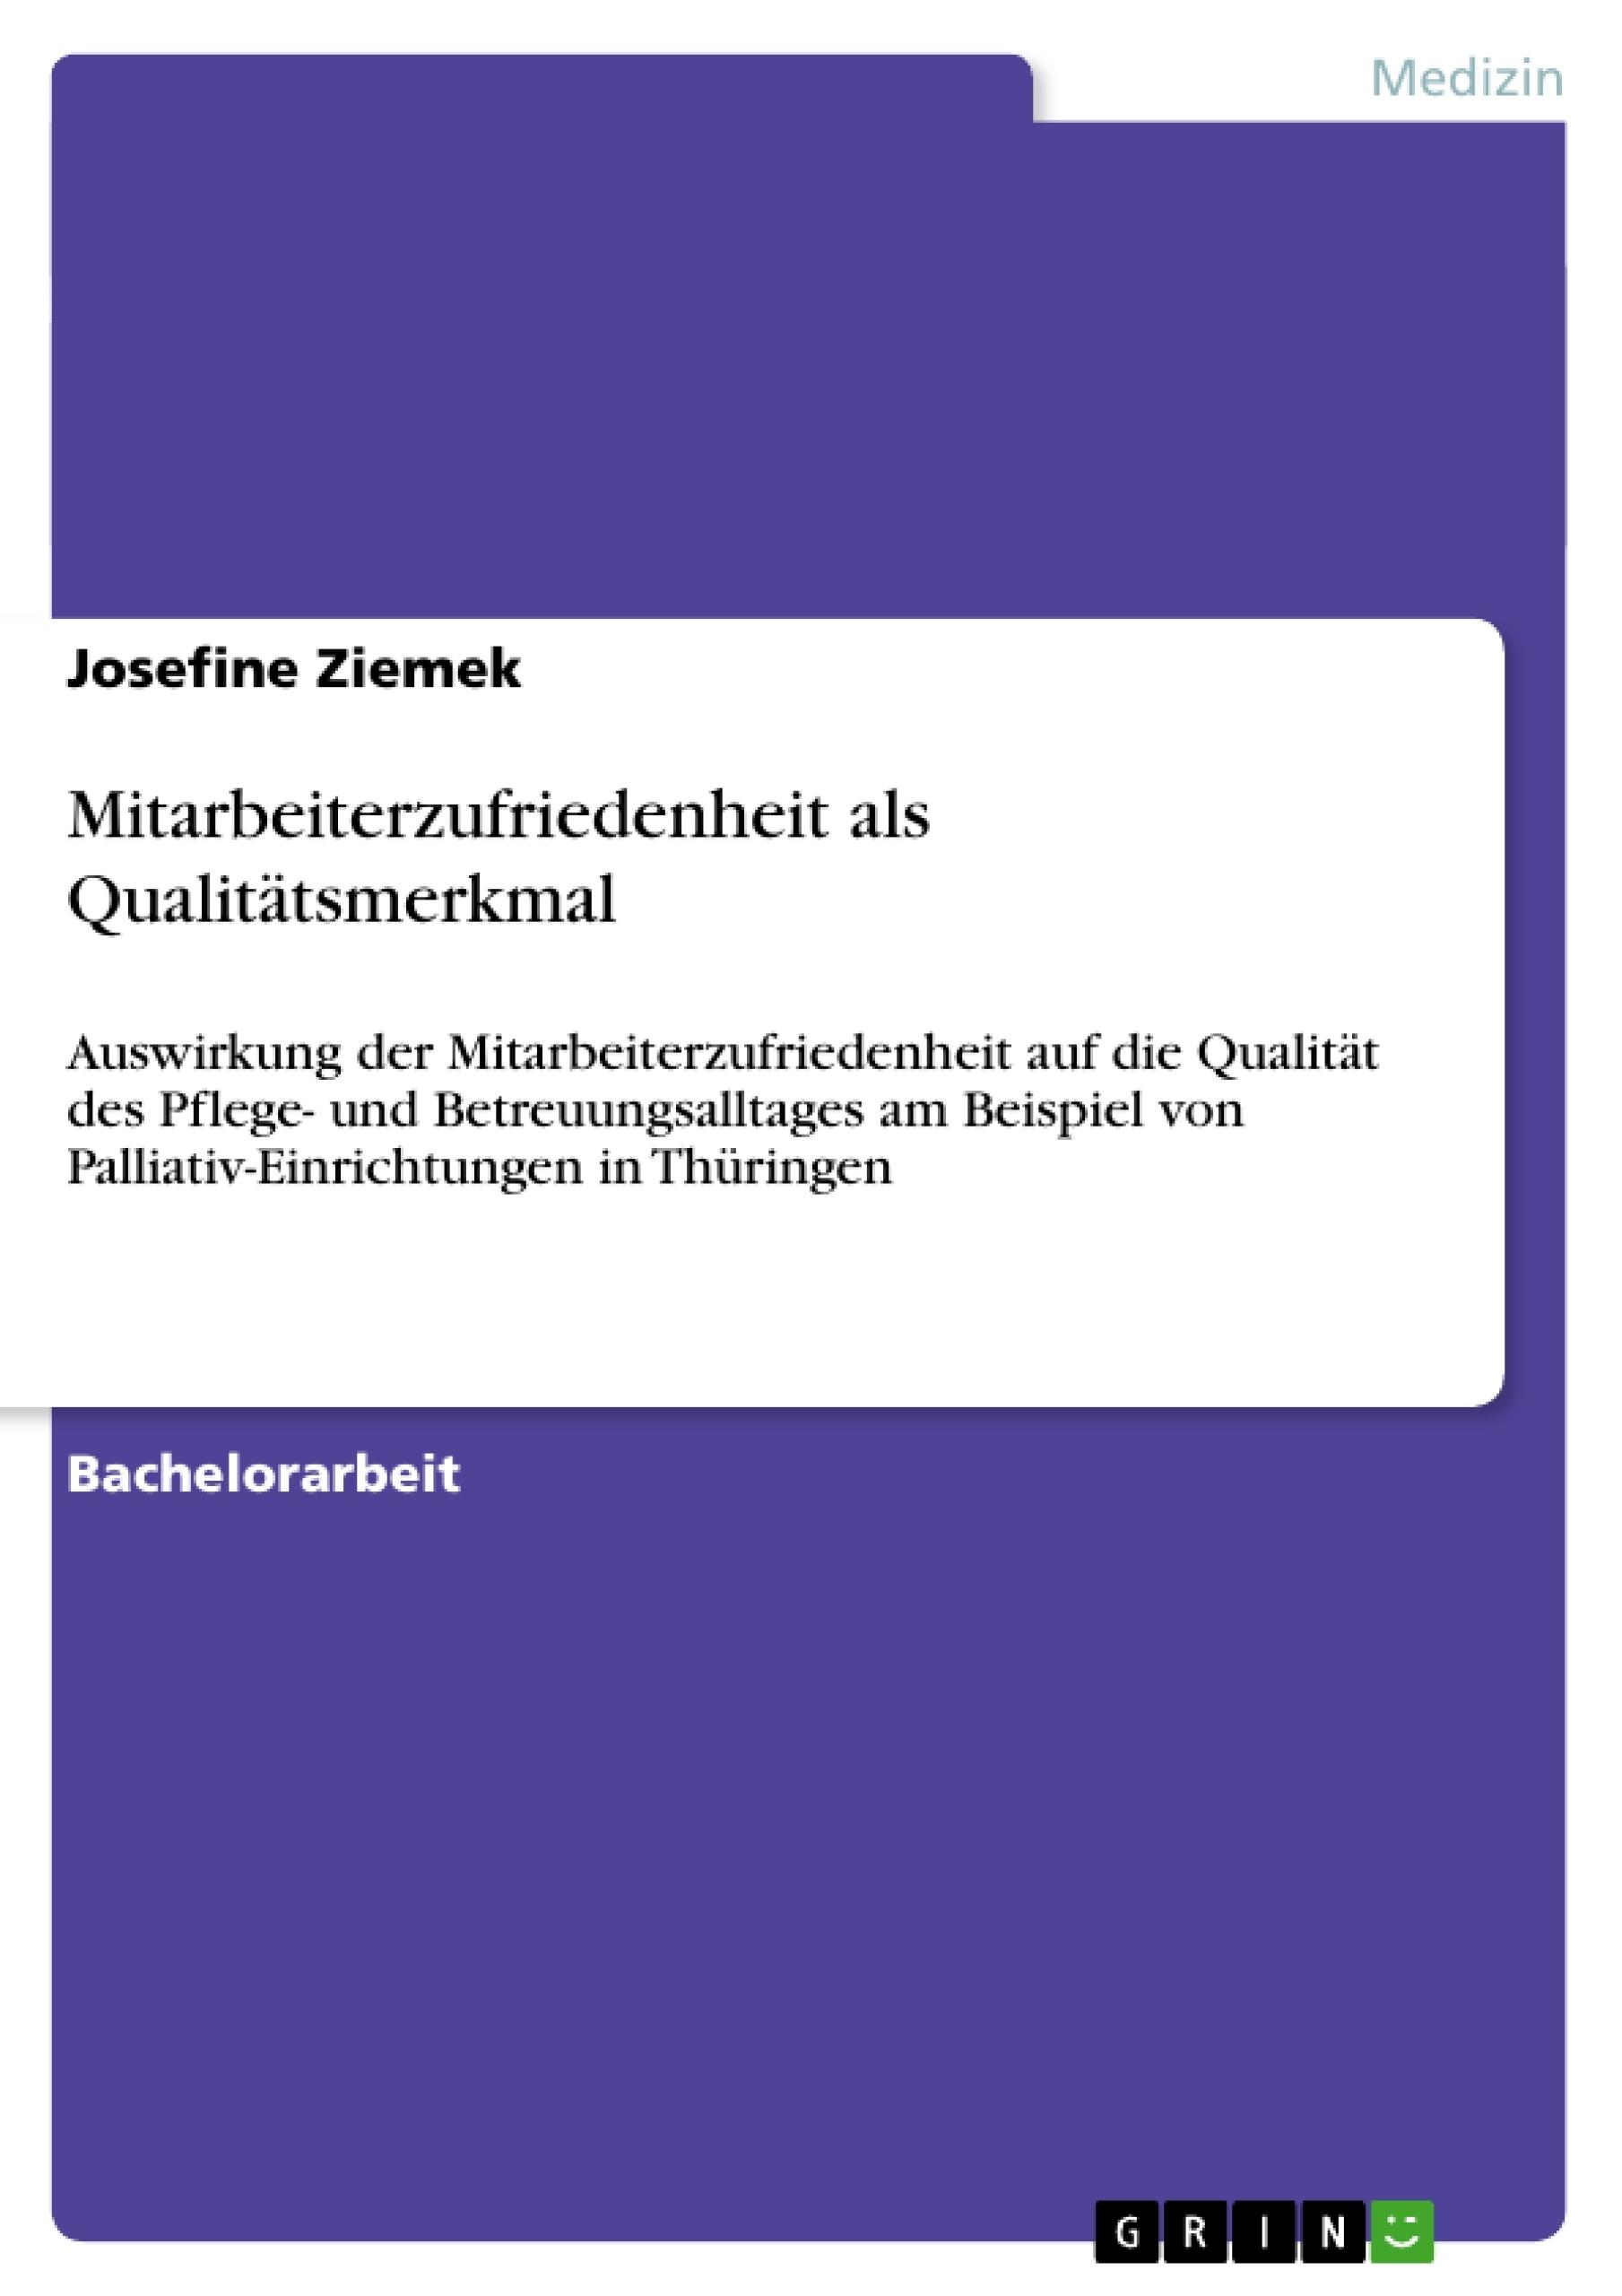 Titel: Mitarbeiterzufriedenheit als Qualitätsmerkmal